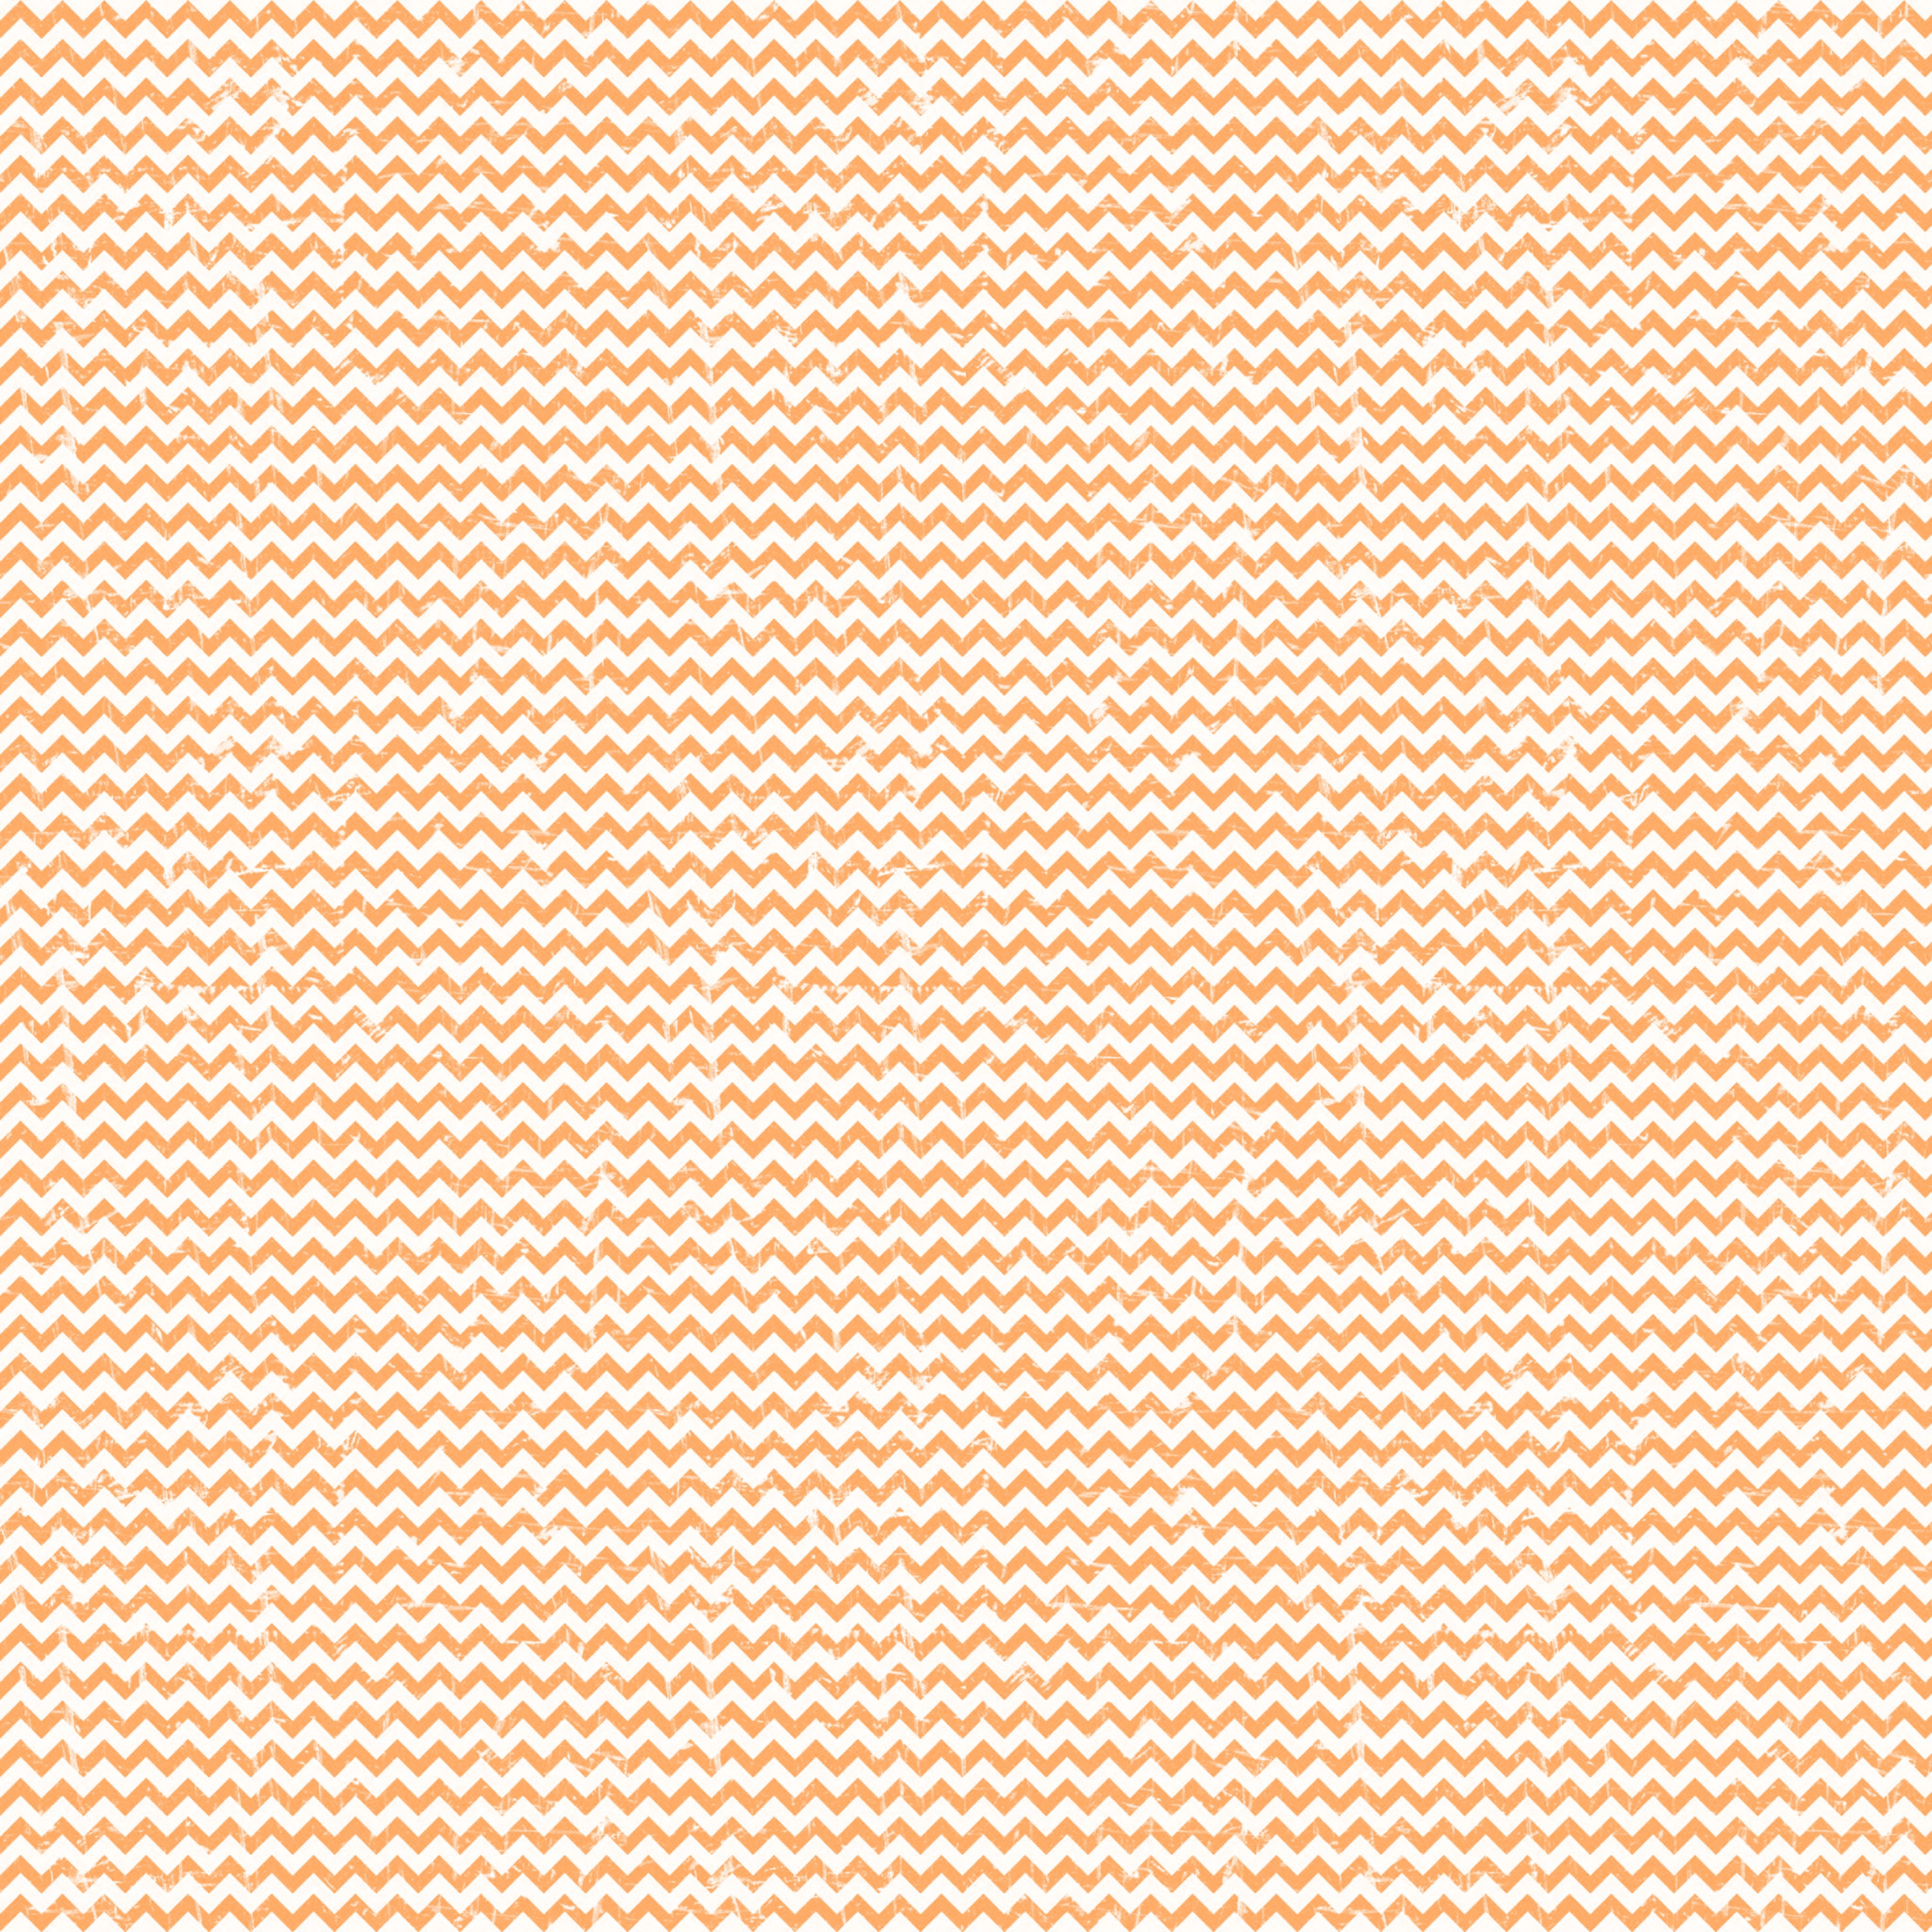 фон для скрапбукинга распечатать | Printables para ... Винтажная Бумага для Скрапбукинга